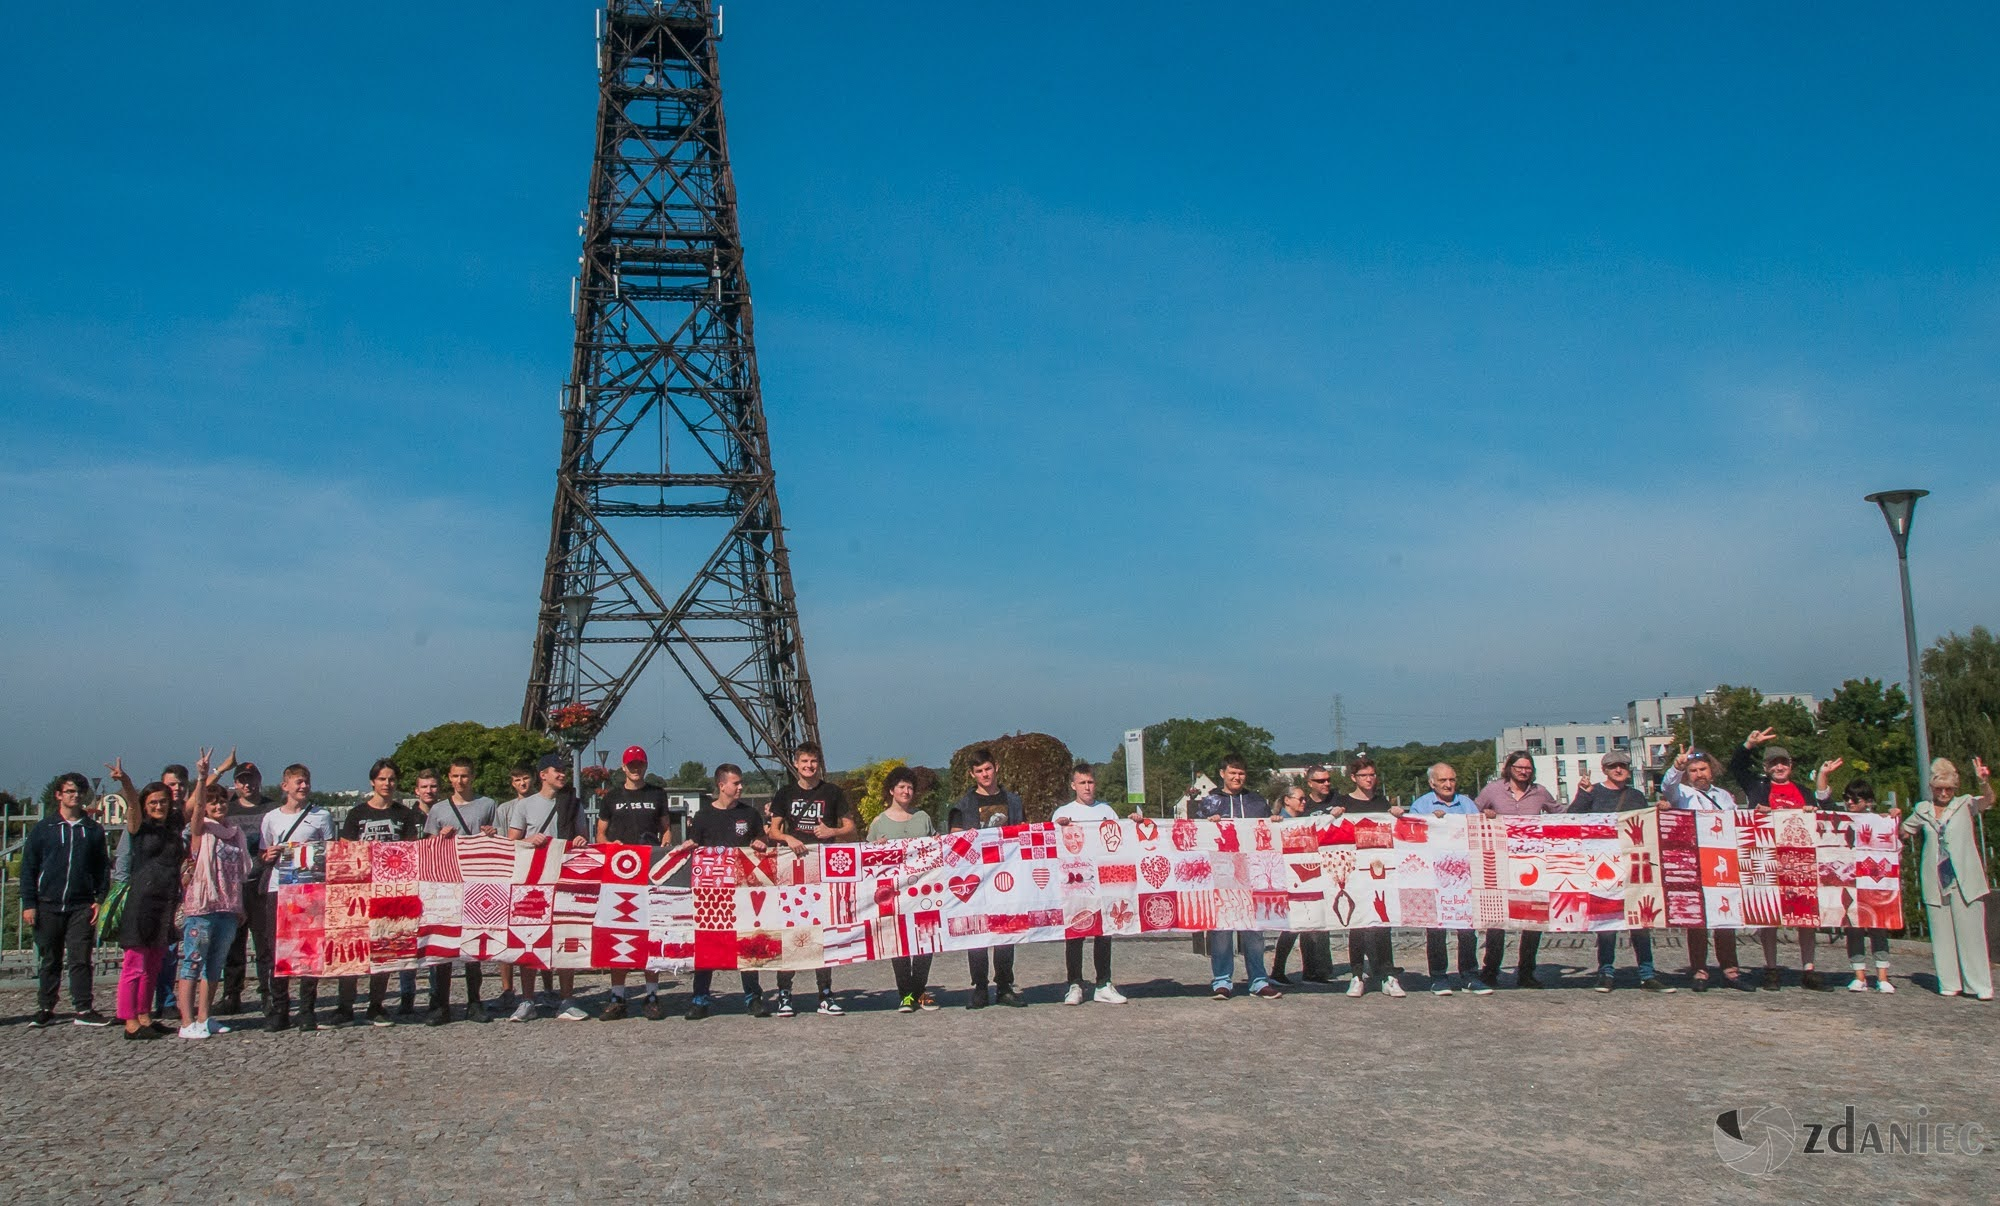 rozwinięta biało-czerwono-biała flaga pod Radiostacją i kilkudziesięciu uczestników, którzy ją trzymają